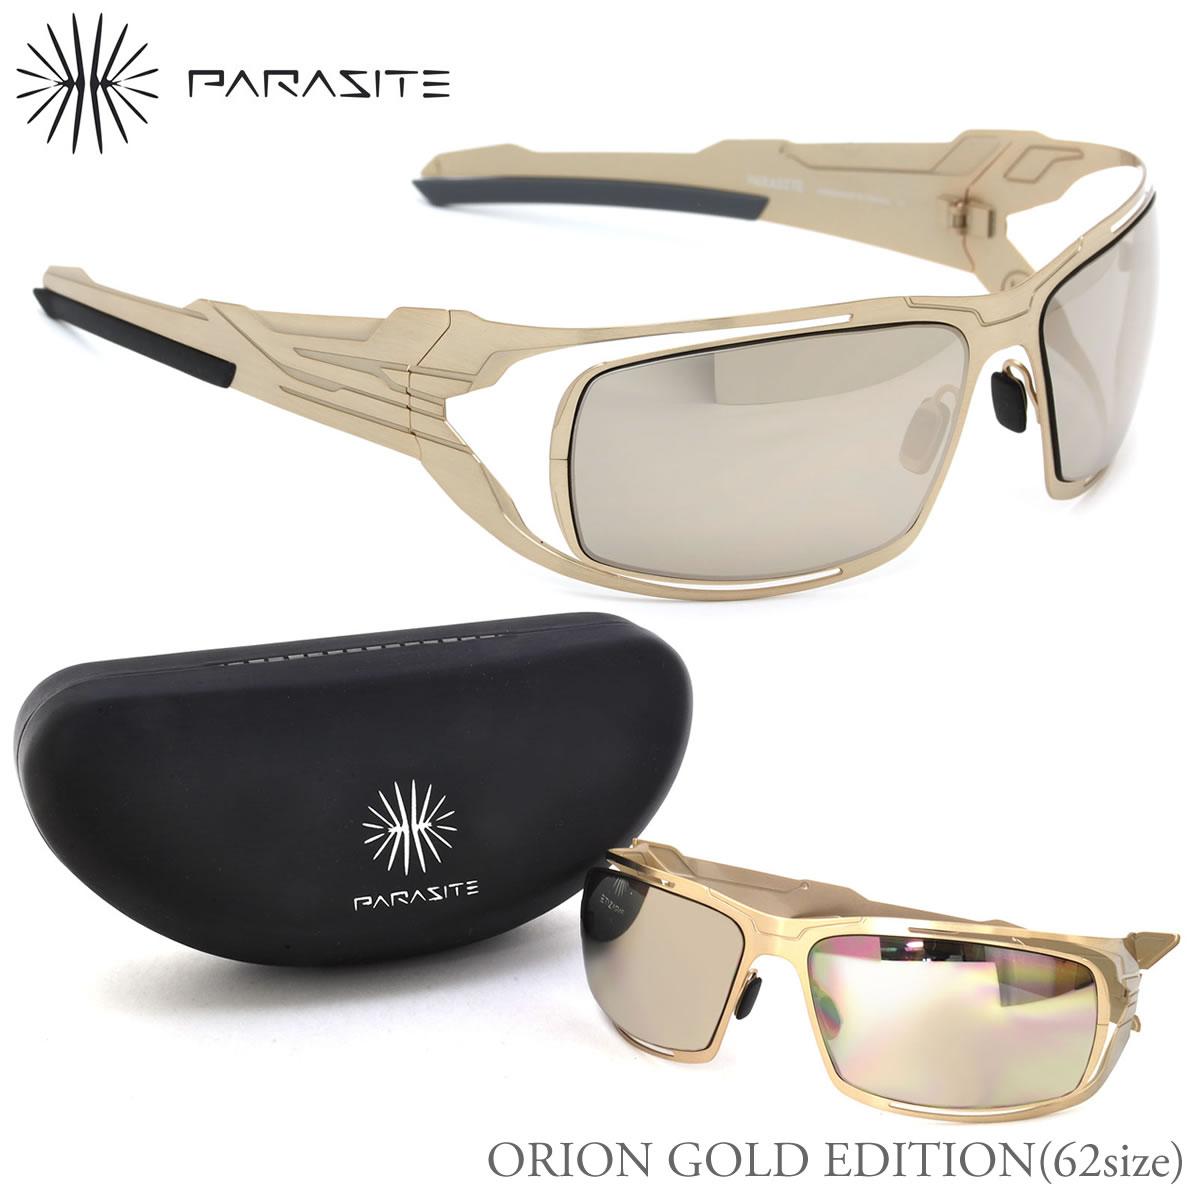 ほぼ全品ポイント15倍~最大43倍+3倍!お得なクーポンも! 【PARASITE】(パラサイト) サングラス ORION GOLD 62サイズ ORION GOLD EDITION 限定モデル ミラー パラサイト PARASITE メンズ レディース